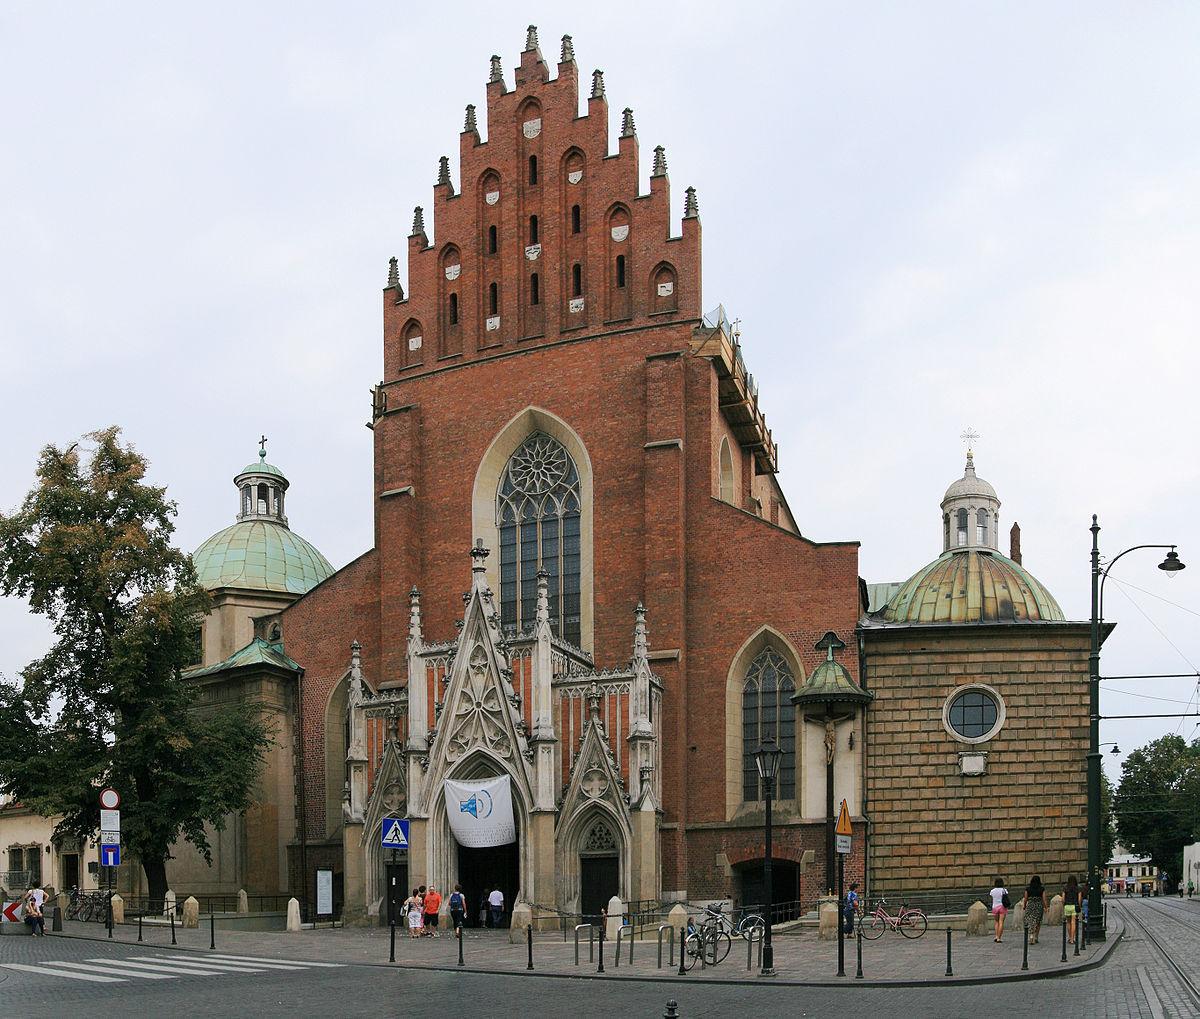 Надгробие в церкви богоматери в кракове ф Мемориальный комплекс с арками и колонной Харовск